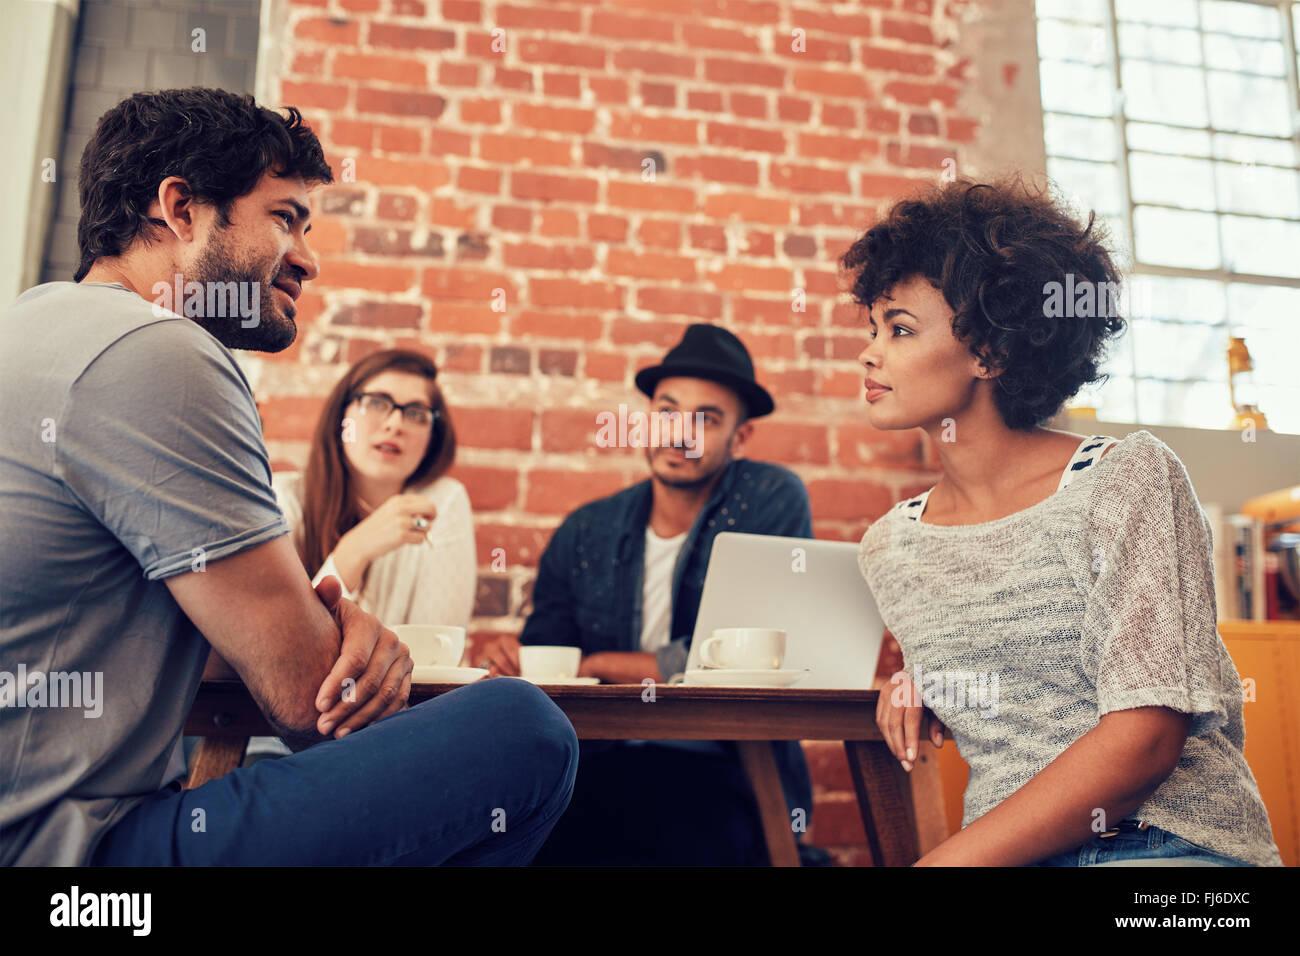 Portrait de jeunes amis assis à une table de café et de parler. Groupe de jeunes rencontre dans un café. Photo Stock